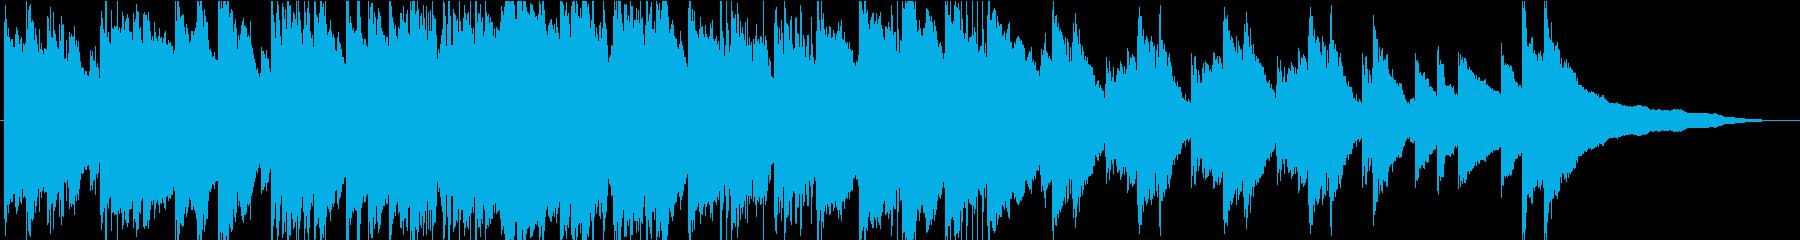 忍び寄る影…クラシック調の不気味なホラーの再生済みの波形